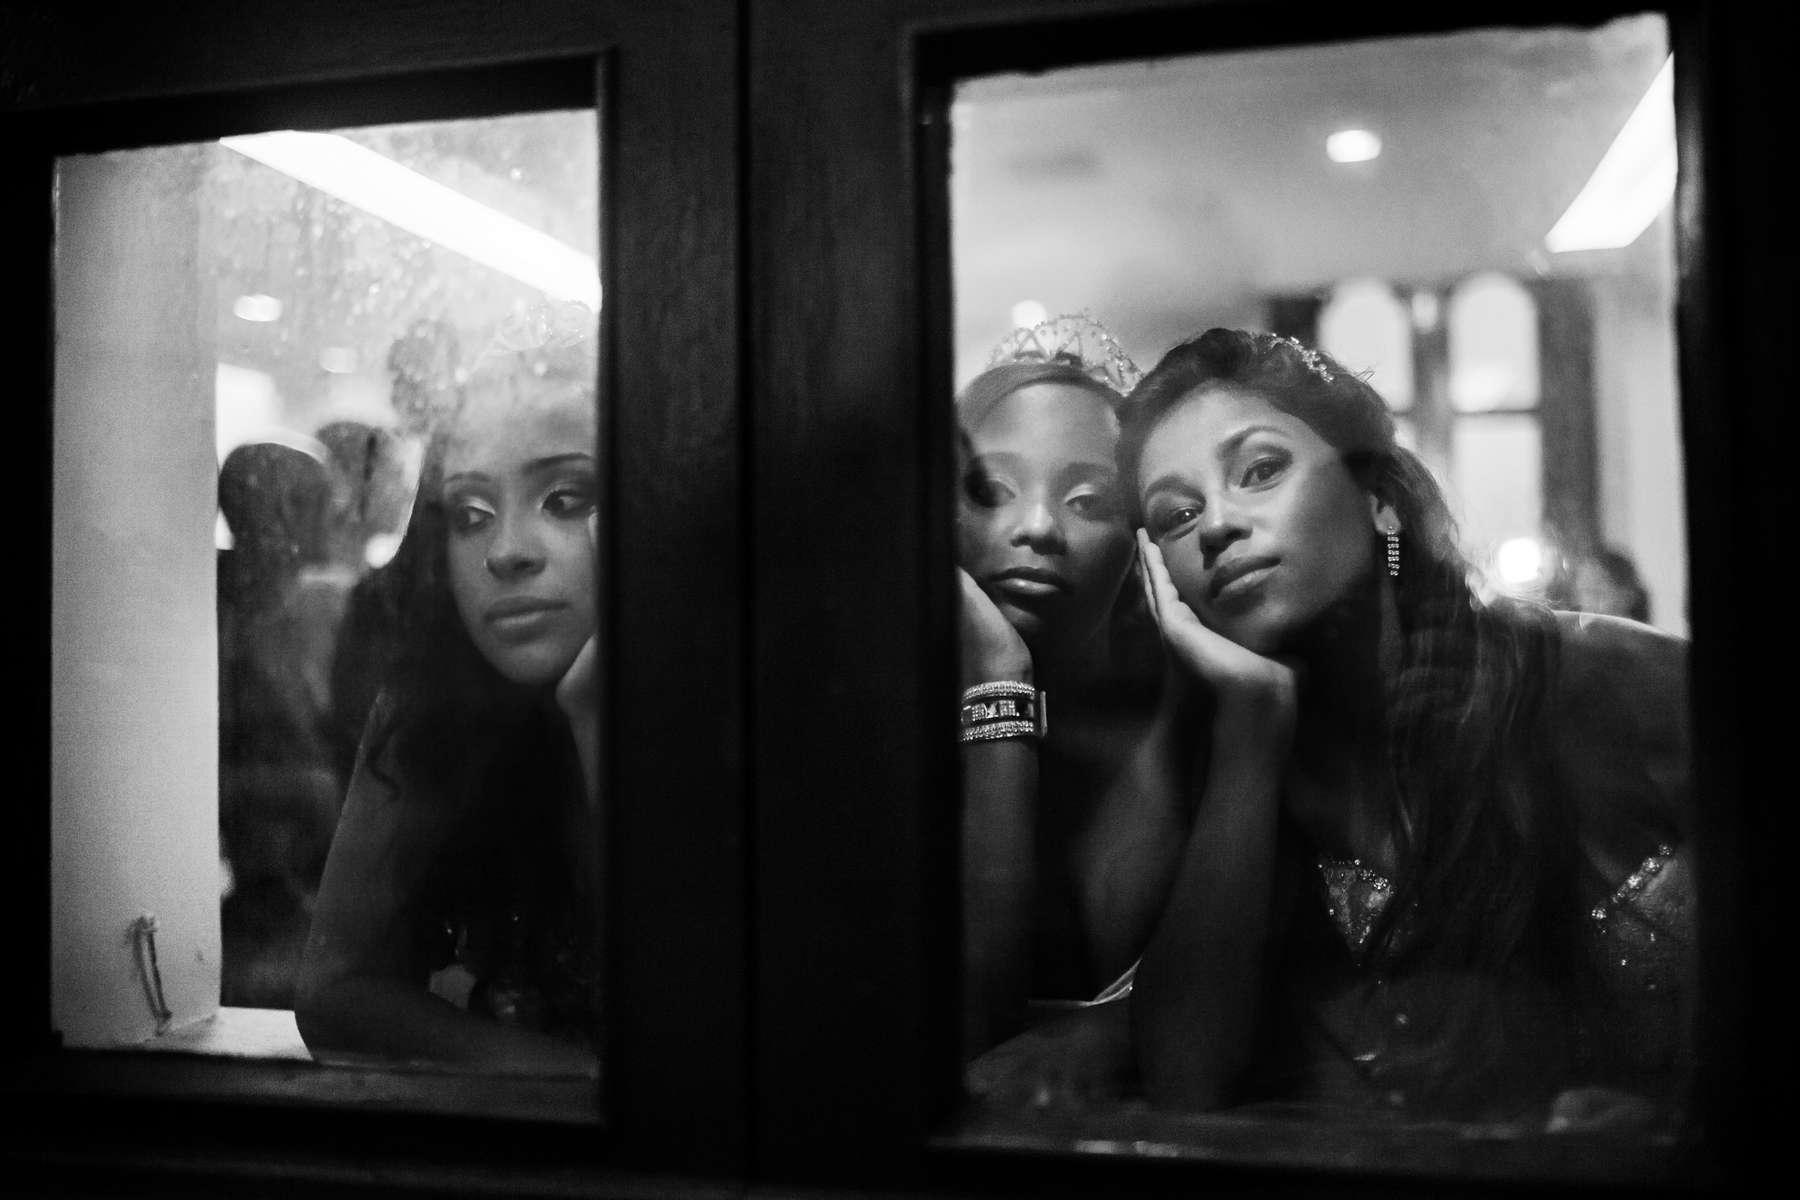 Niñas de la favela Cerro-Cora que cumplieron 15 años en un baile de debutantes organizado por la Unidad de Policía Pacificadora (UPP) de su comunidad en el castillo de Isla Fiscal, en la Bahía de Guanabara en Río de Janeiro, Brasil, el 6 de noviembre de 2014. .Con el fin de promover la integración, la UPP organiza un baile de debutantes grupal donde ellas y sus familias comparten el rito tradicional de paso de la infancia a la madurez con las niñas que cumplen 15 años y sus familias.